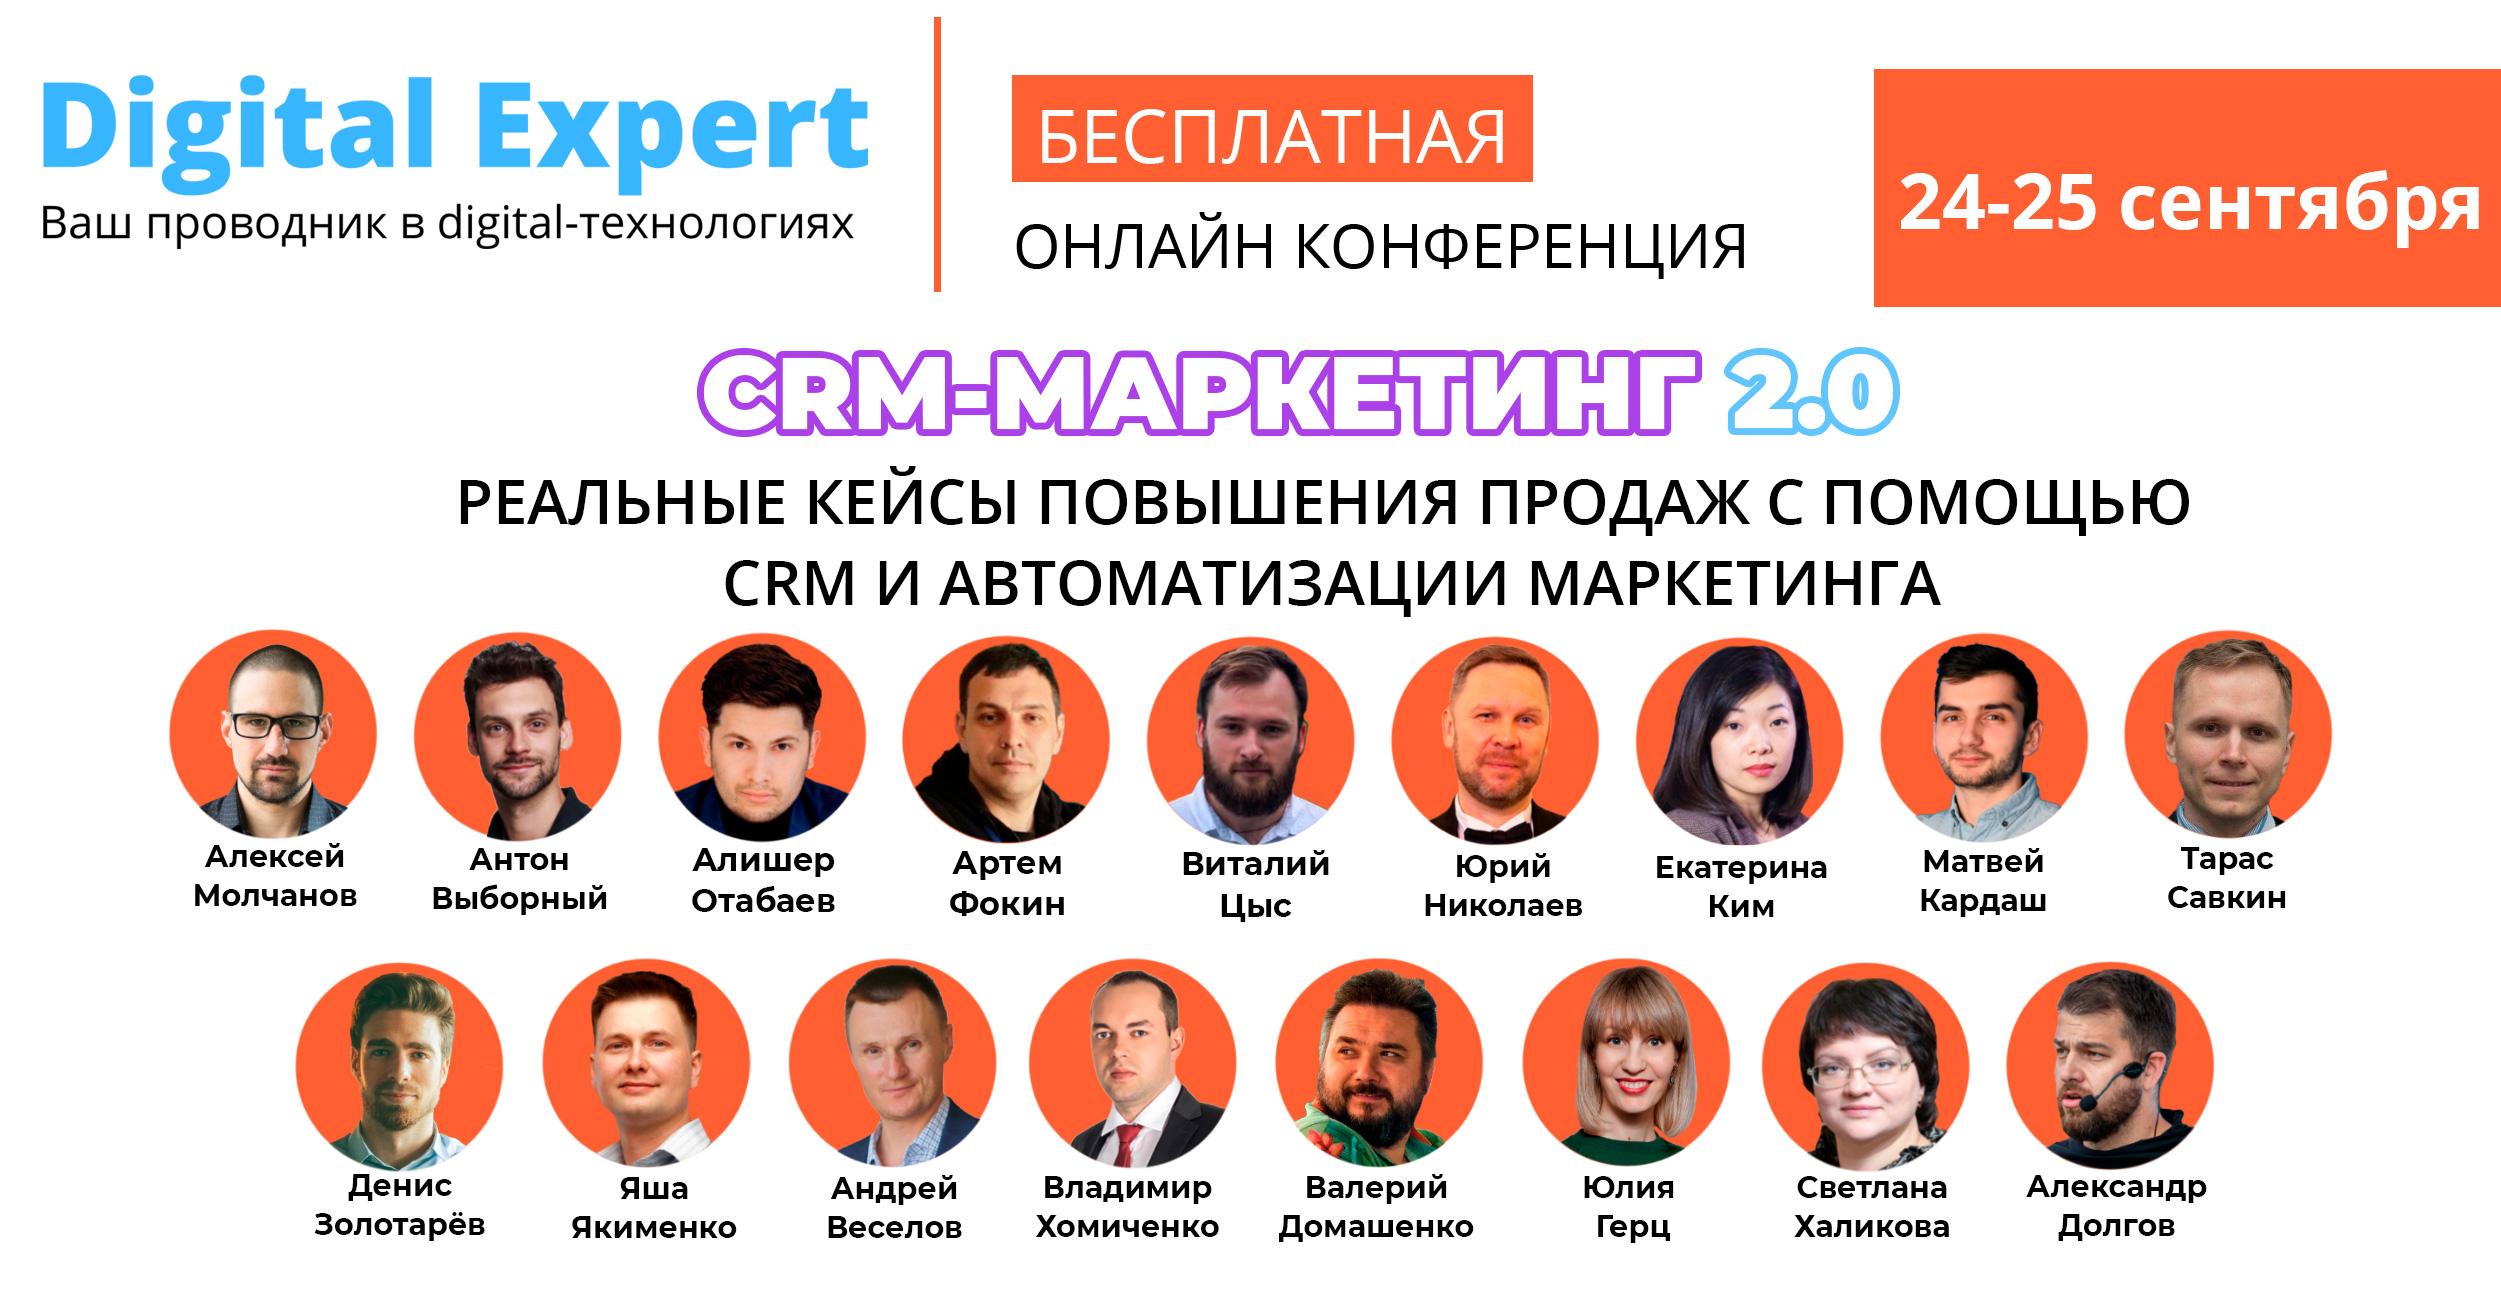 Онлайн-конференция «CRM-маркетинг 2.0. Реальные кейсы повышения продаж c помощью CRM и автоматизации маркетинга»